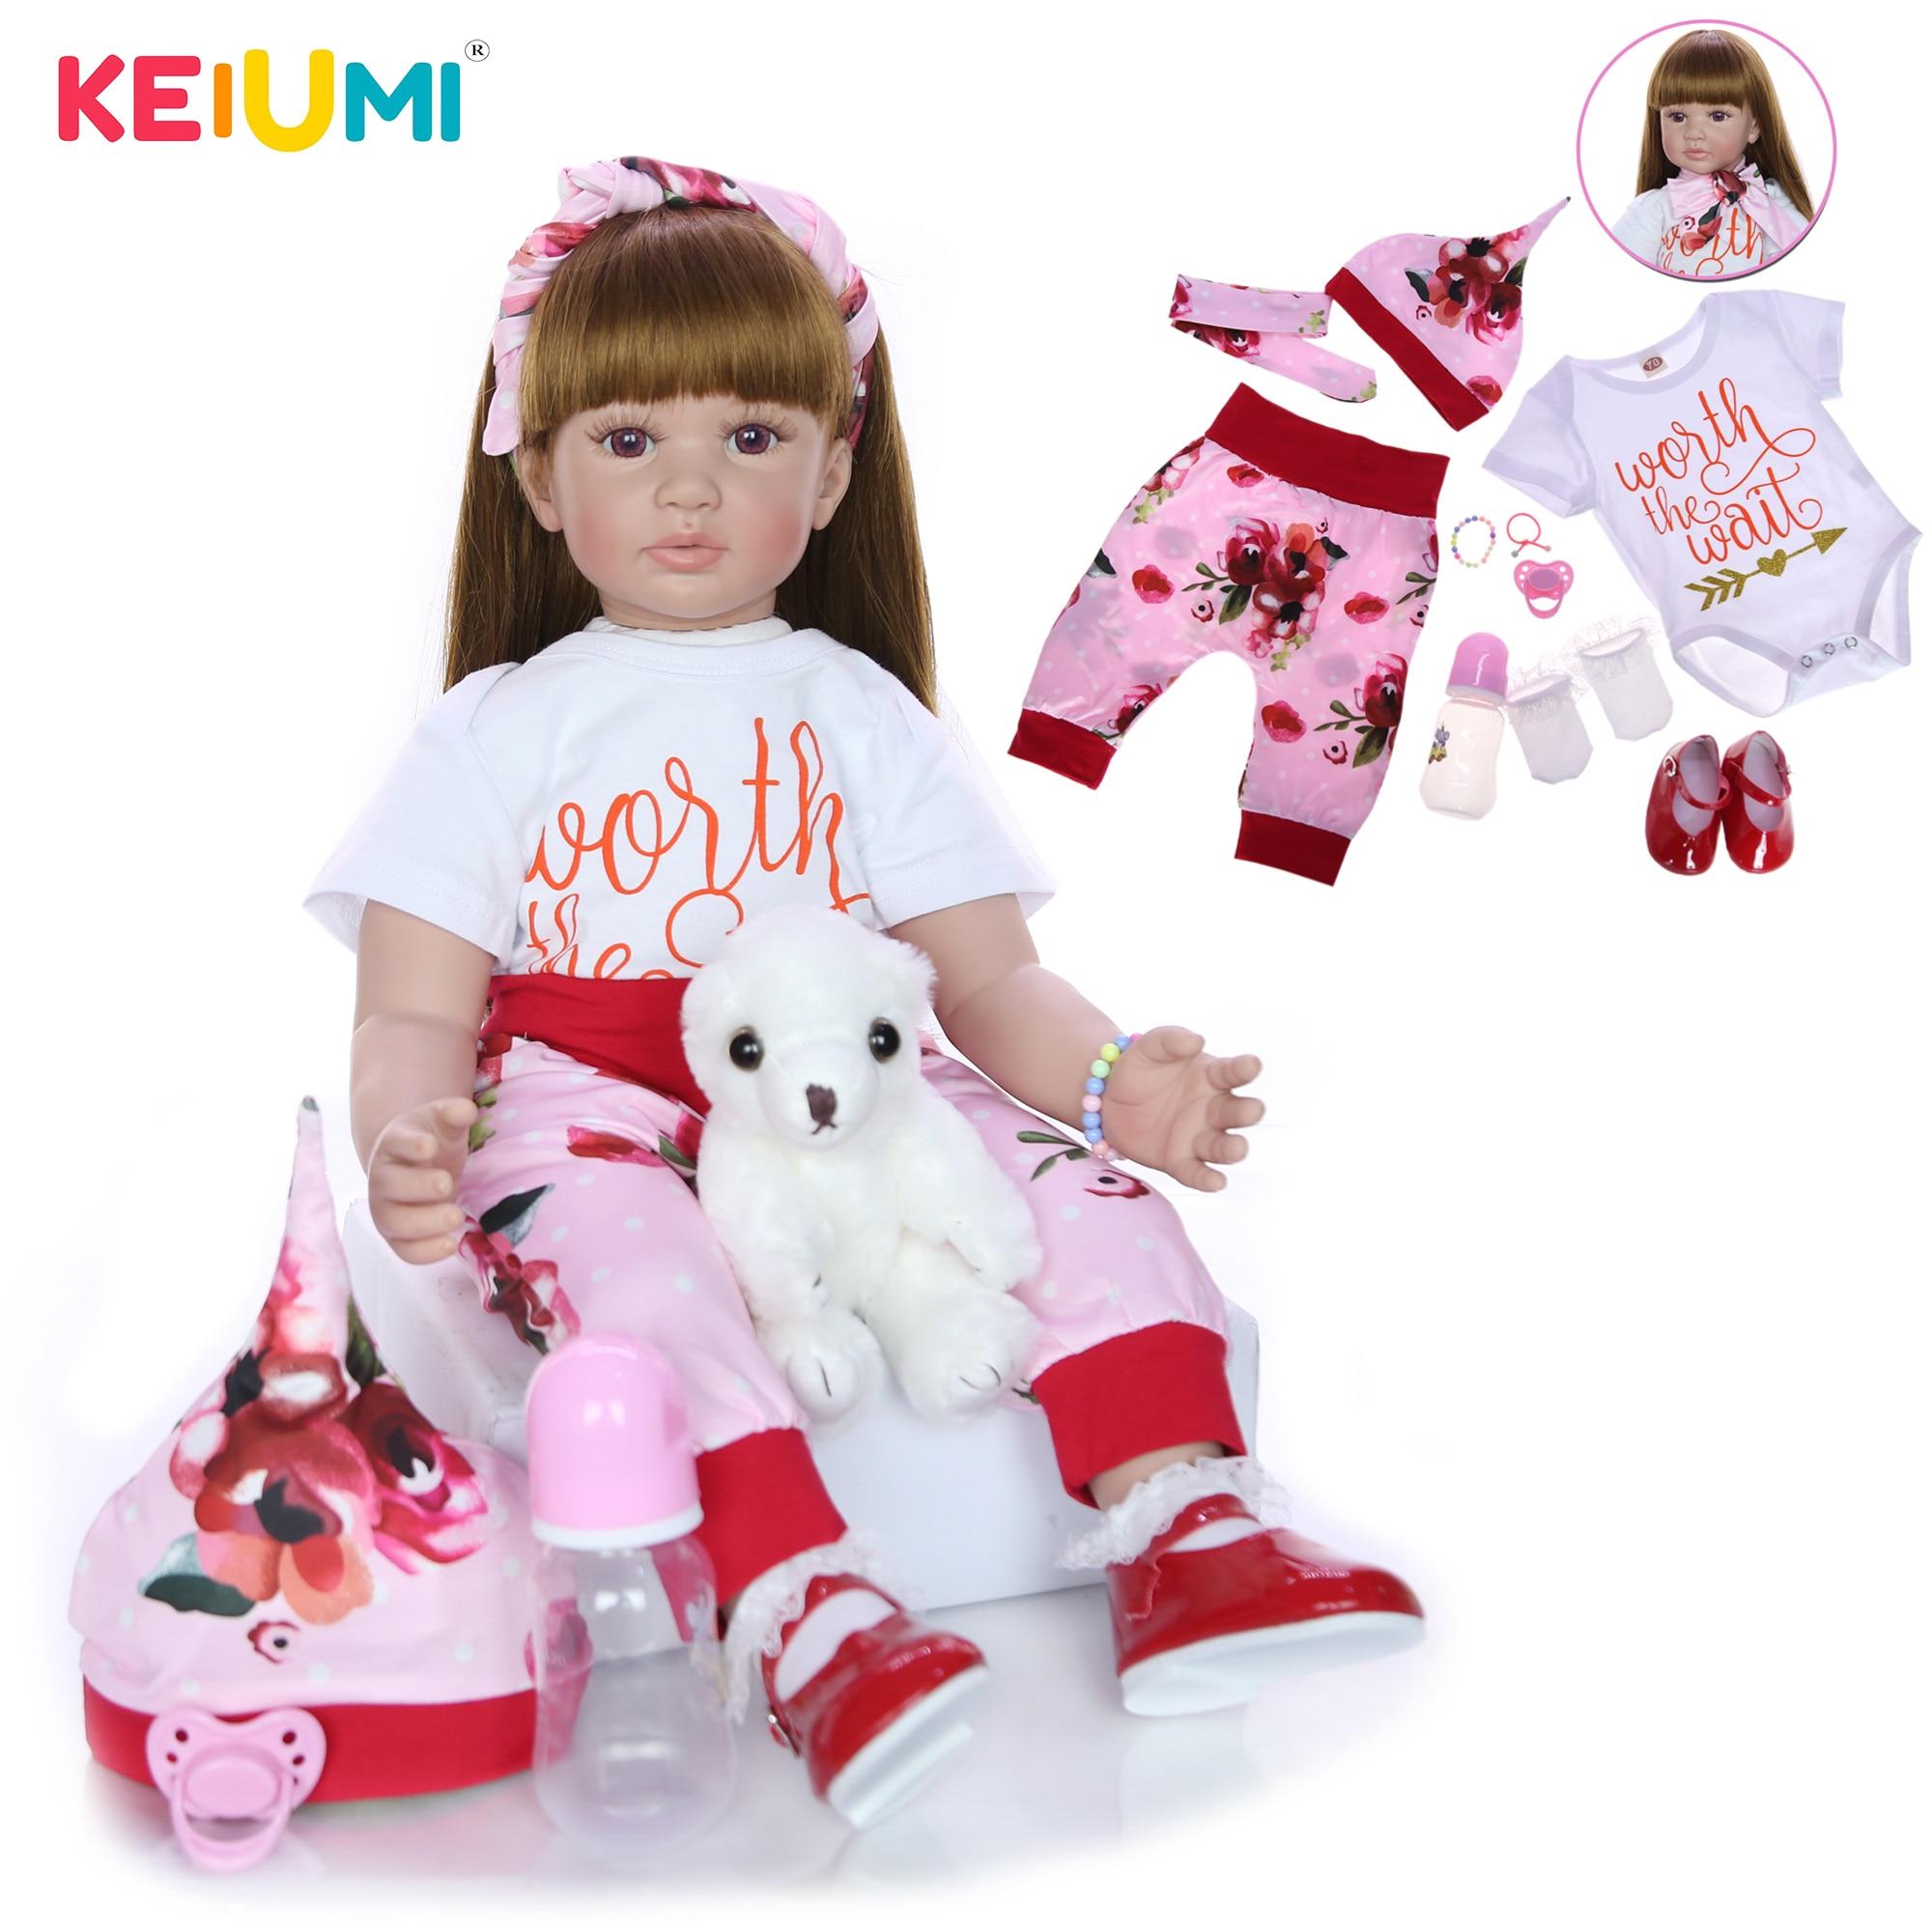 Oyuncaklar ve Hobi Ürünleri'ten Bebekler'de Moda 24 Inç Yeniden Doğmuş Bebek Bebek 60 cm Silikon Yumuşak Gerçekçi Prenses Kız Bebekler Bebek Oyuncak Etnik Bebek Çocuklar Için anneler Günü Hediye'da  Grup 1